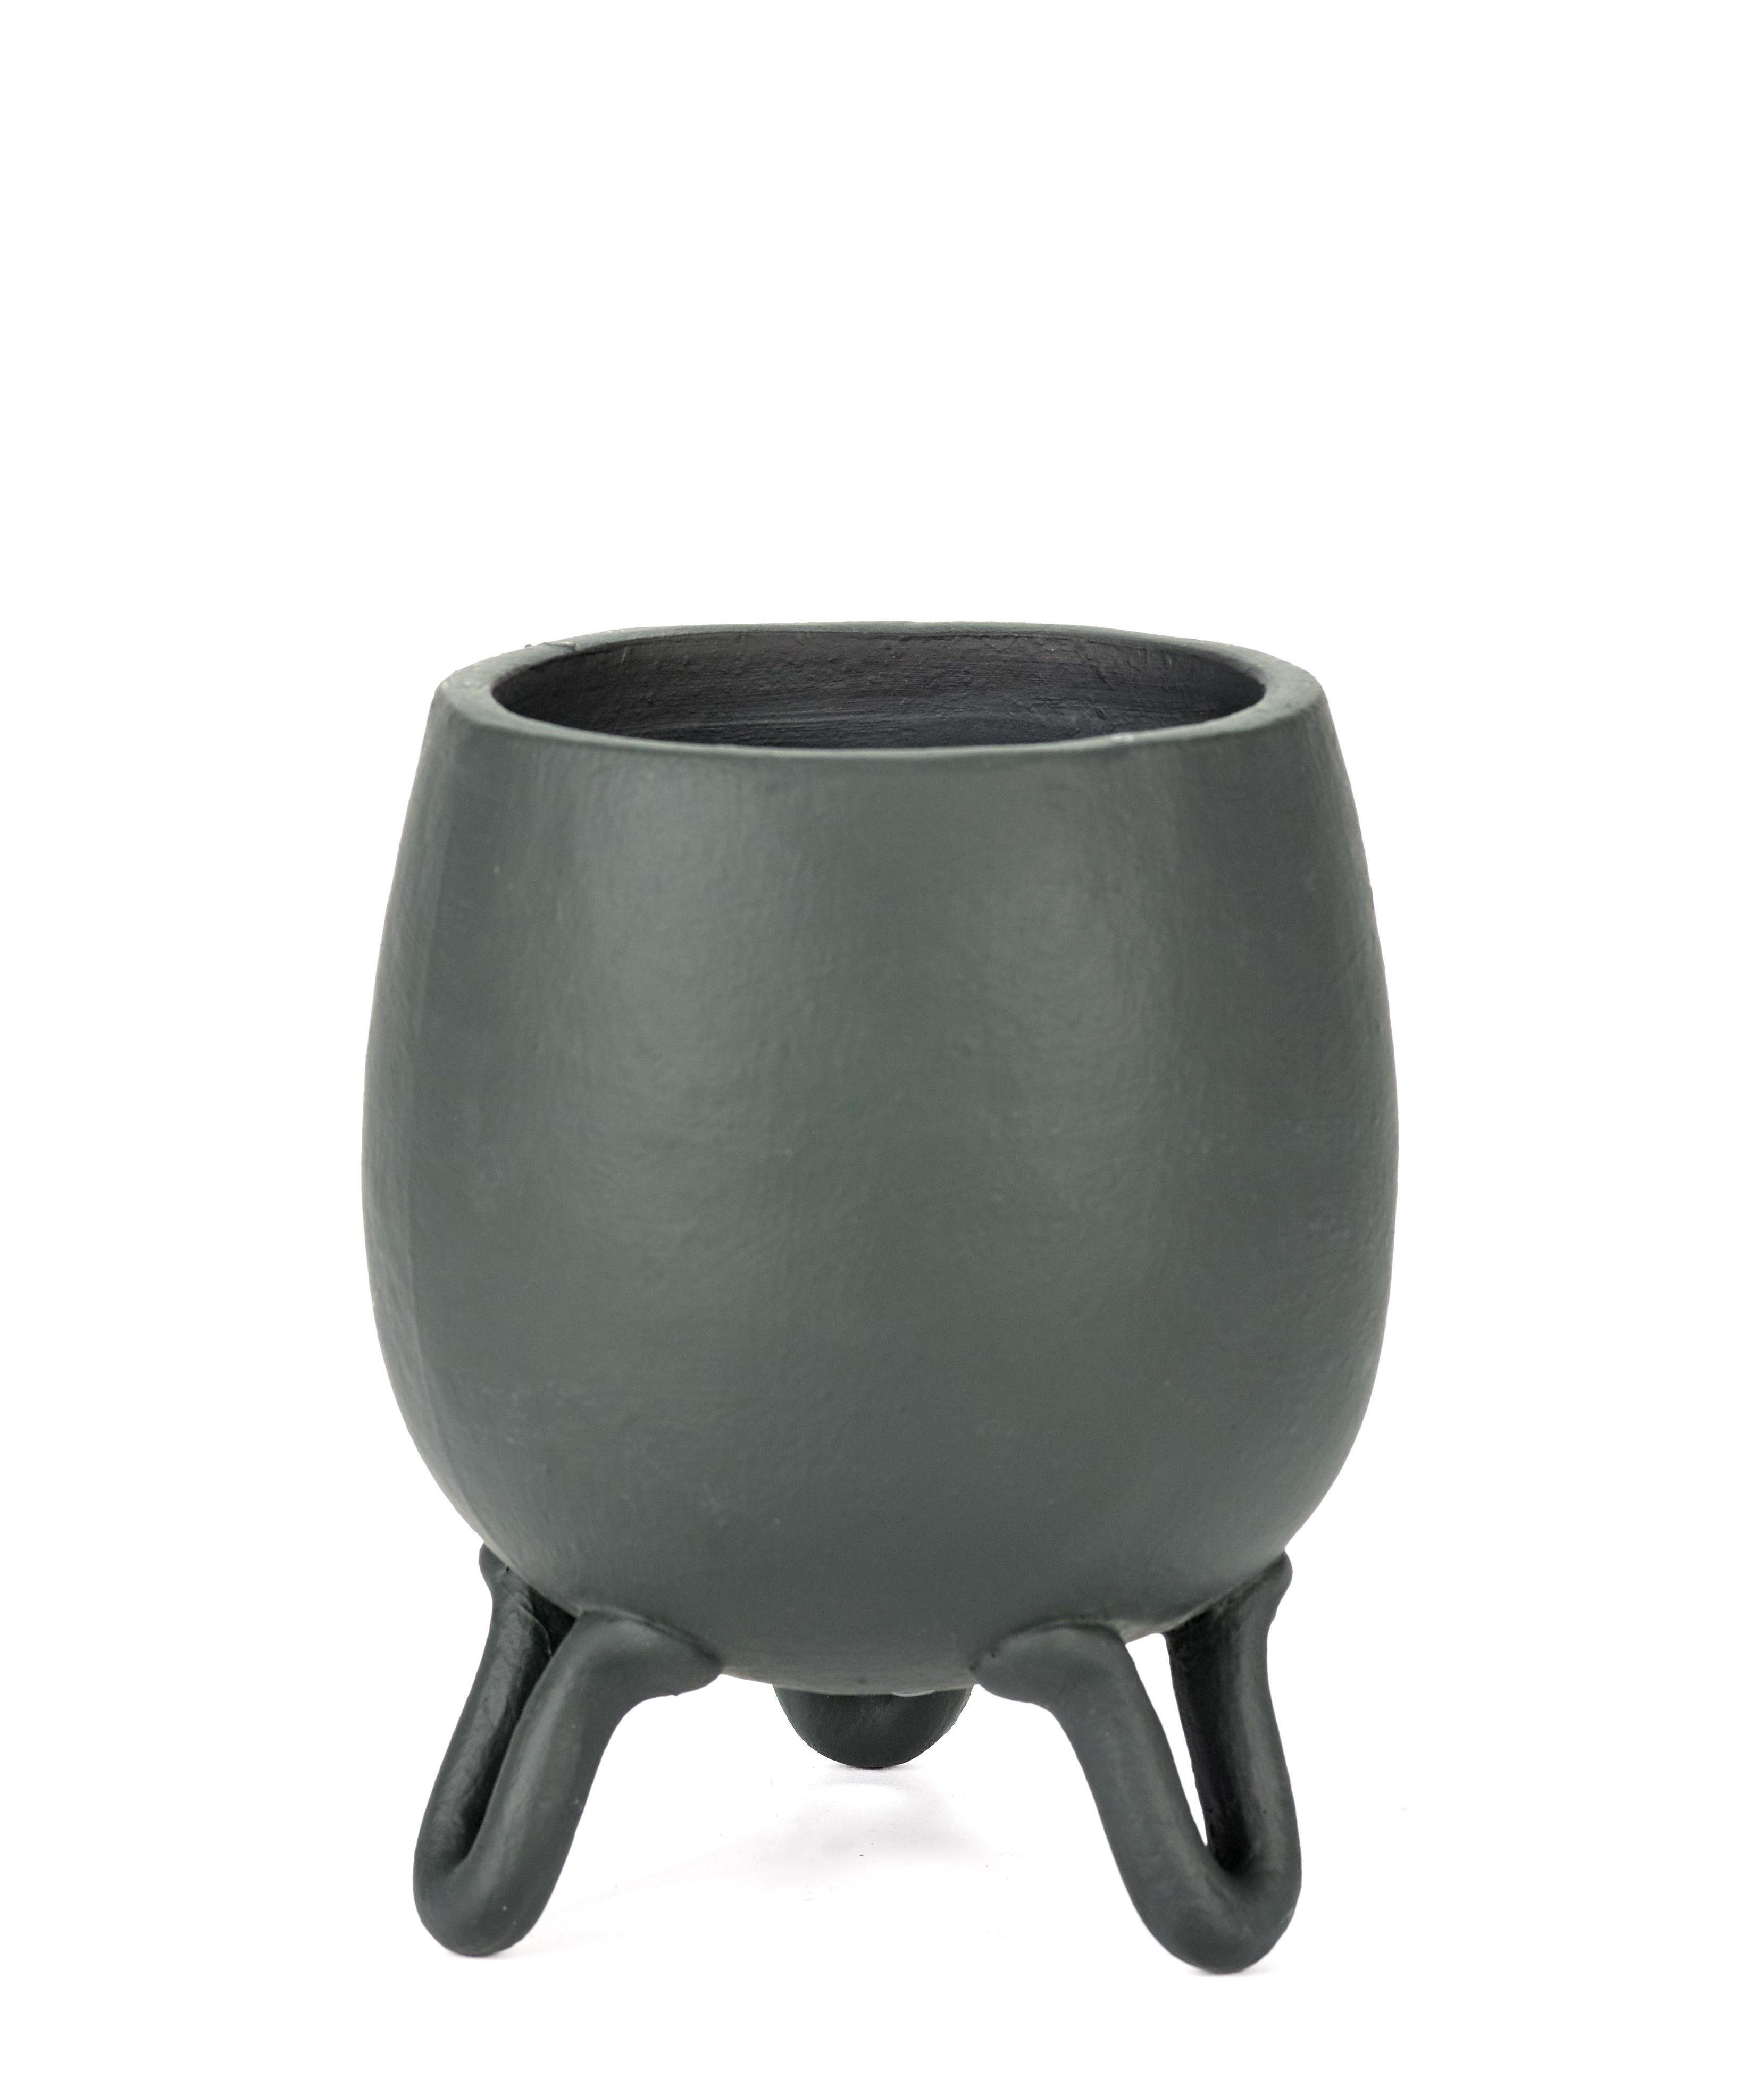 Interni - Vasi e Piante - Portavaso Antes - / Ø 12,5 x H 18 cm - Terracotta di Serax - Verde scuro - Terracotta